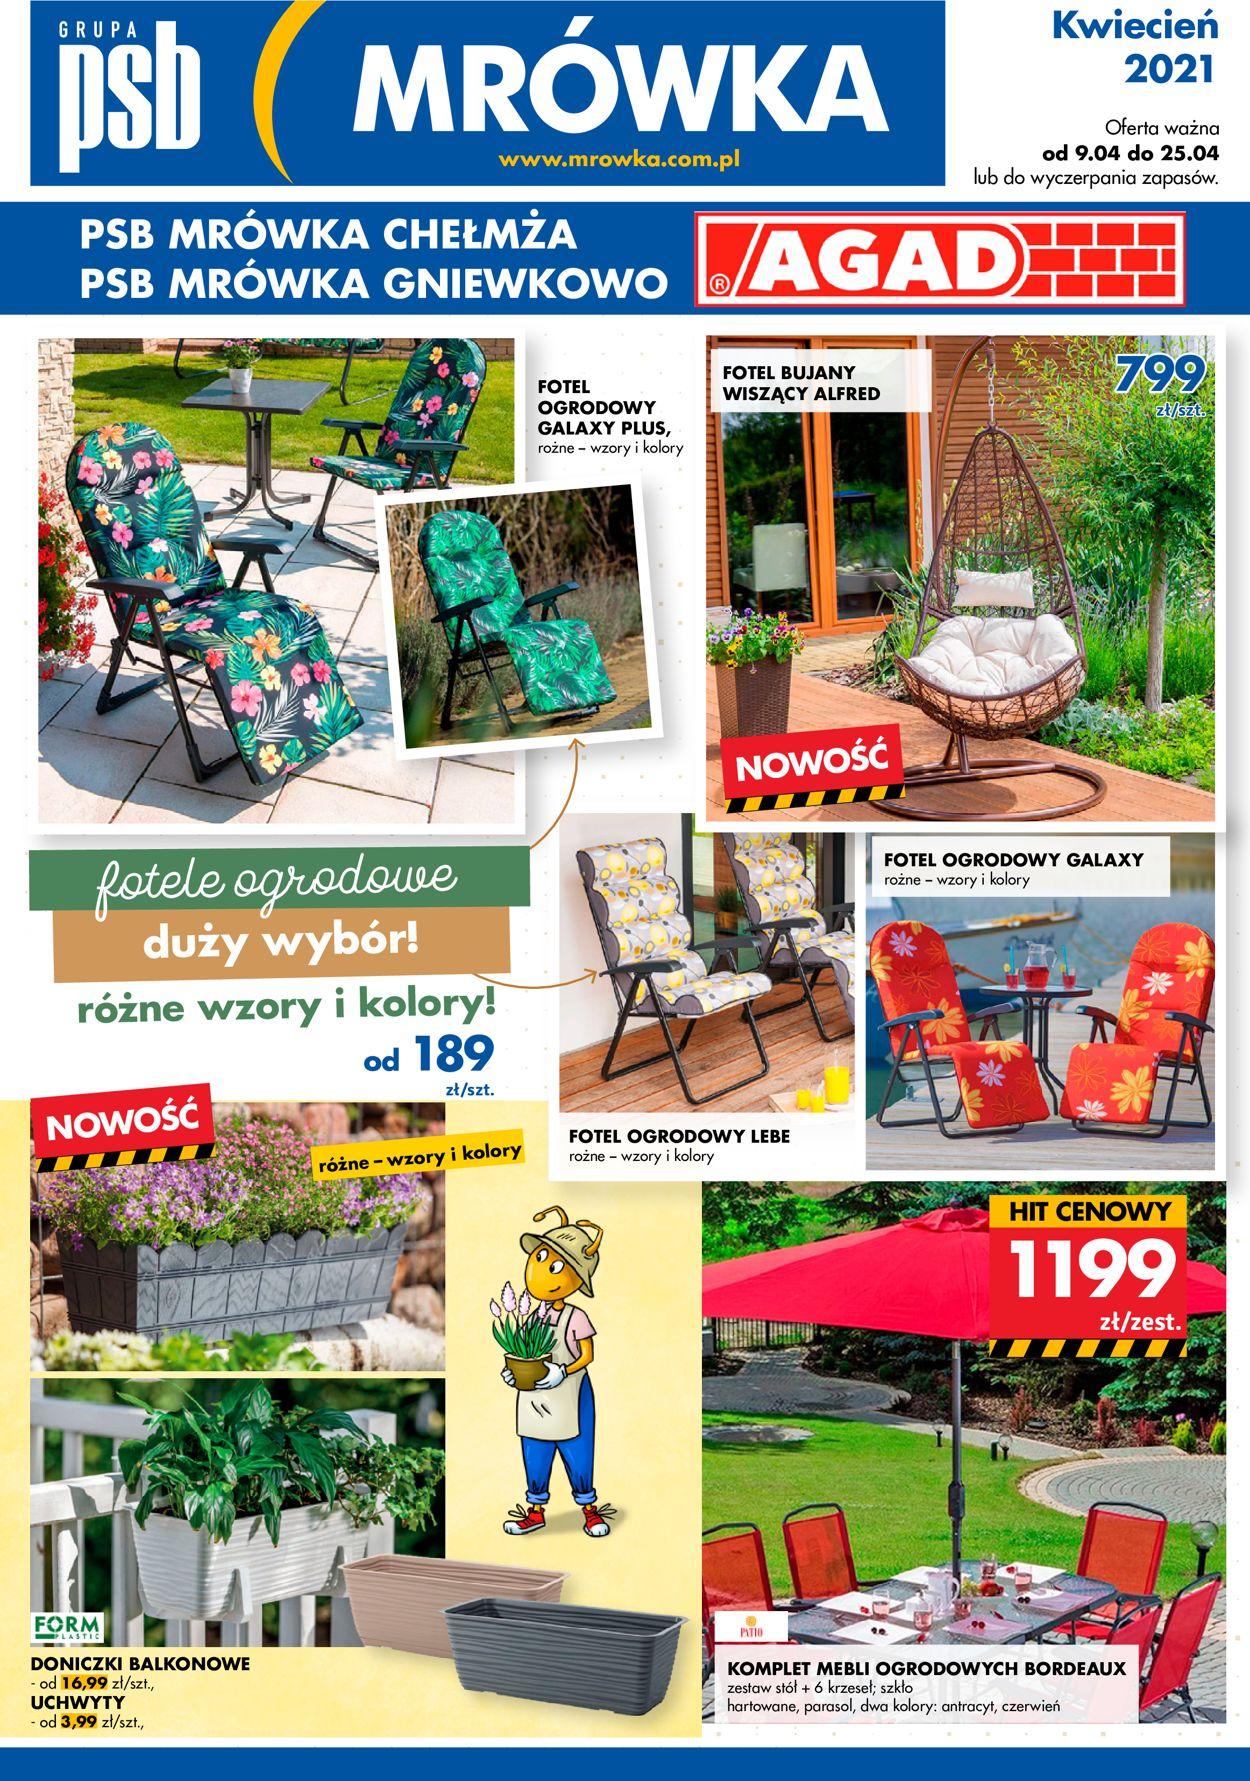 Gazetka promocyjna Mrówka - 09.04-25.04.2021